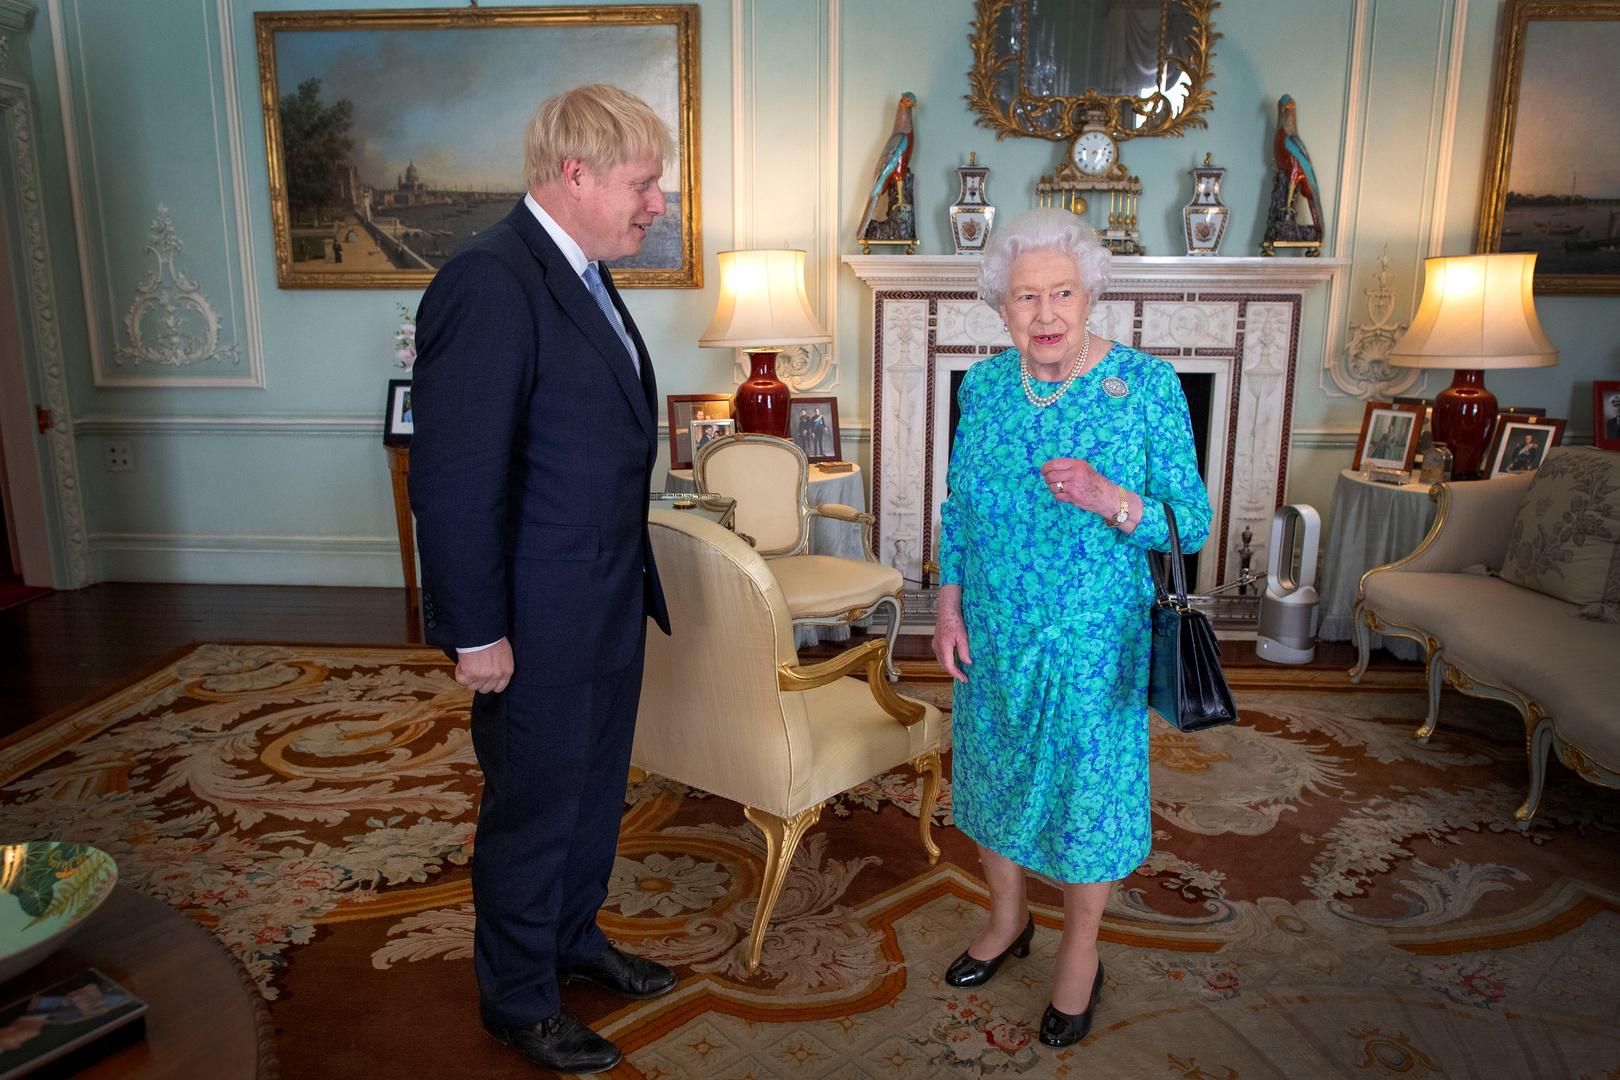 الملكة البريطانية، إليزابيث الثانية، ورئيس الوزراء البريطاني، بوريس جونسون.